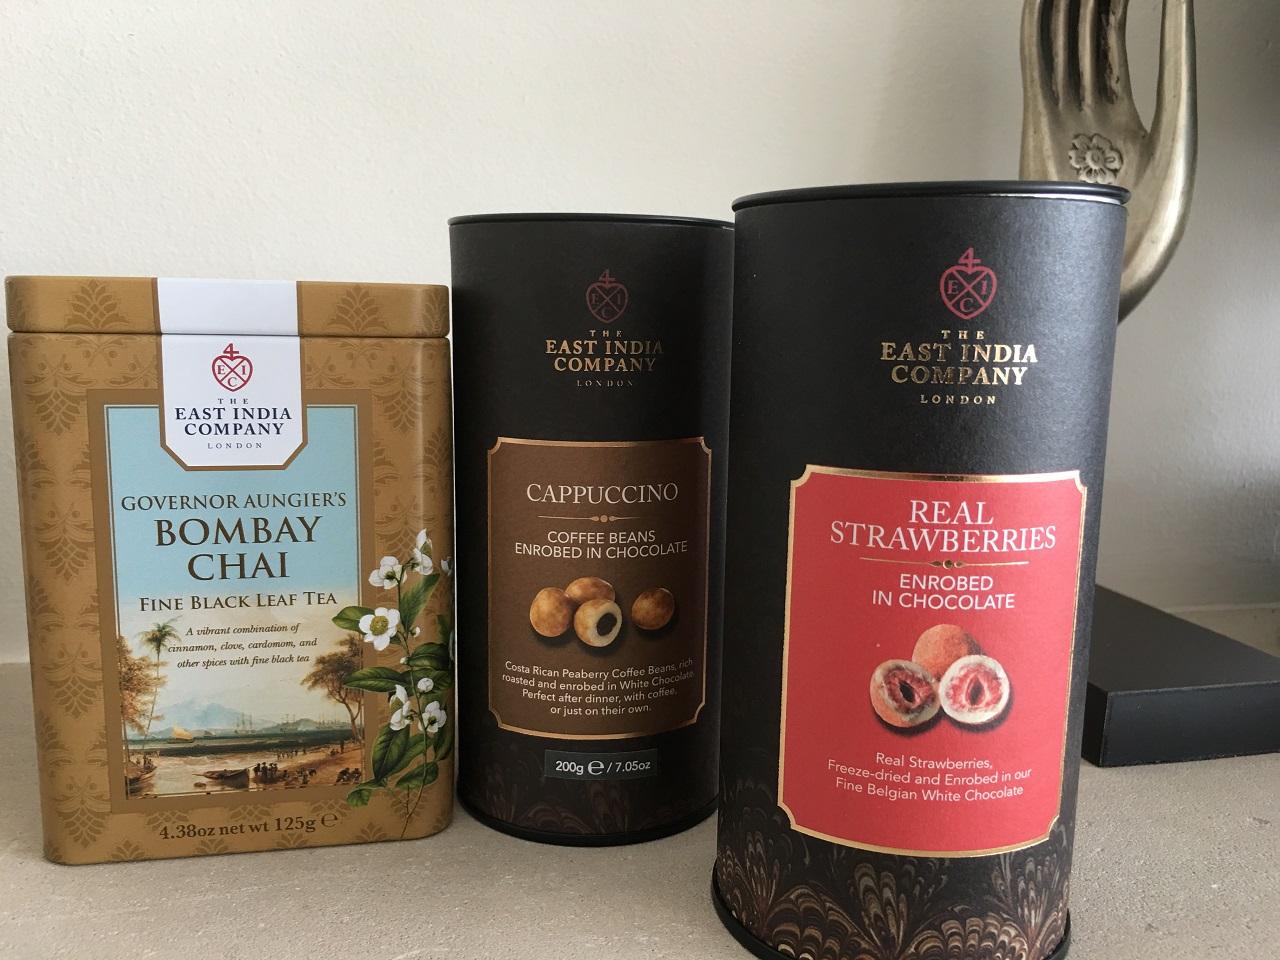 ロンドンの東インド会社でチャイ用の茶葉とチョコレートを買う!